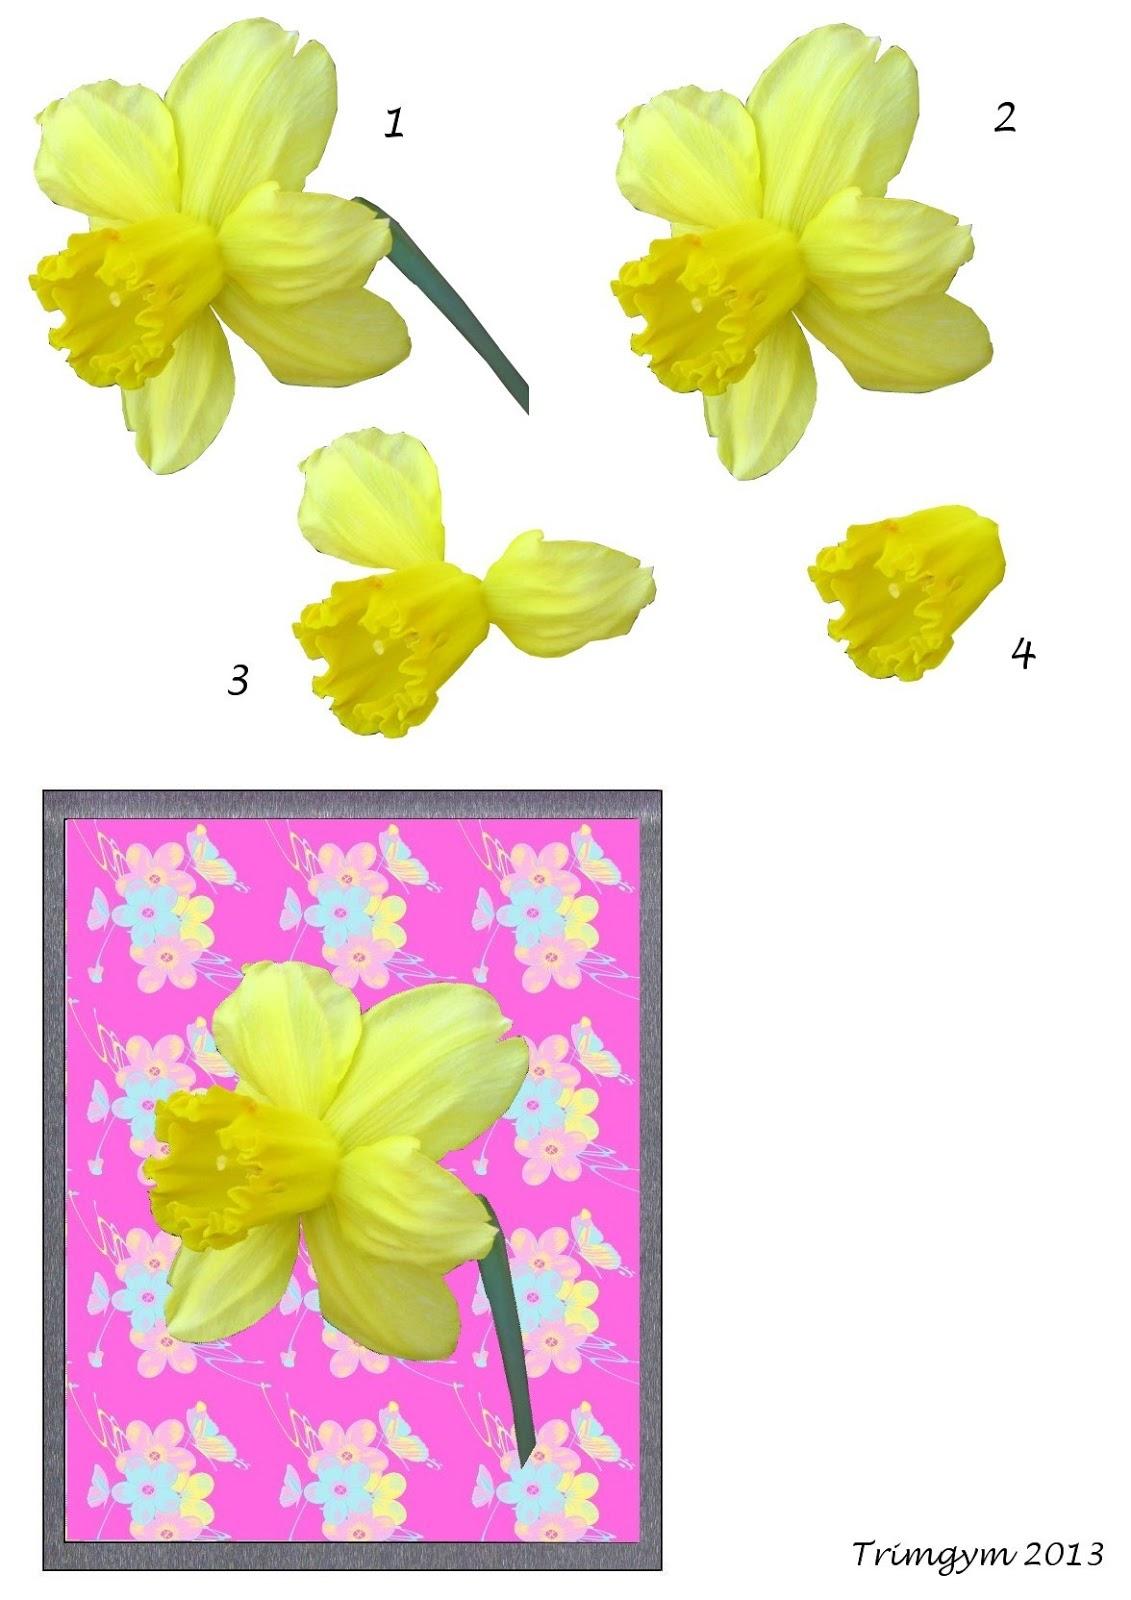 http://4.bp.blogspot.com/-M1o39UviFsM/UxH34lOR2MI/AAAAAAAASGM/oQEPi7c6uEU/s1600/Daffodil+decoupage+by+Trimgym.jpg